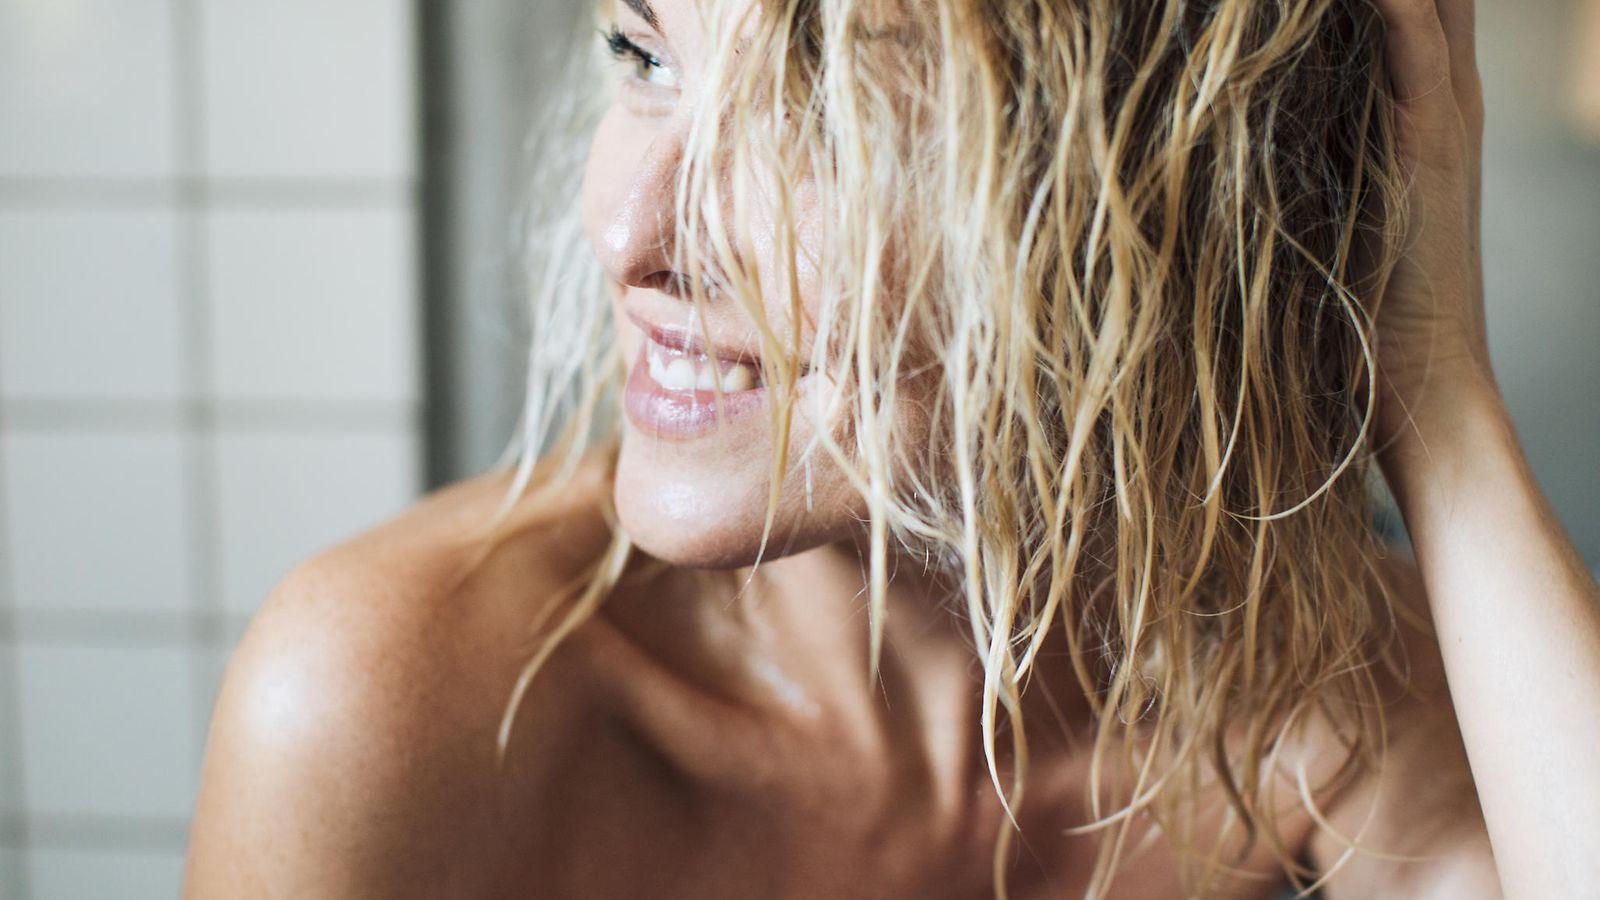 vapaa alaston nainen mallit